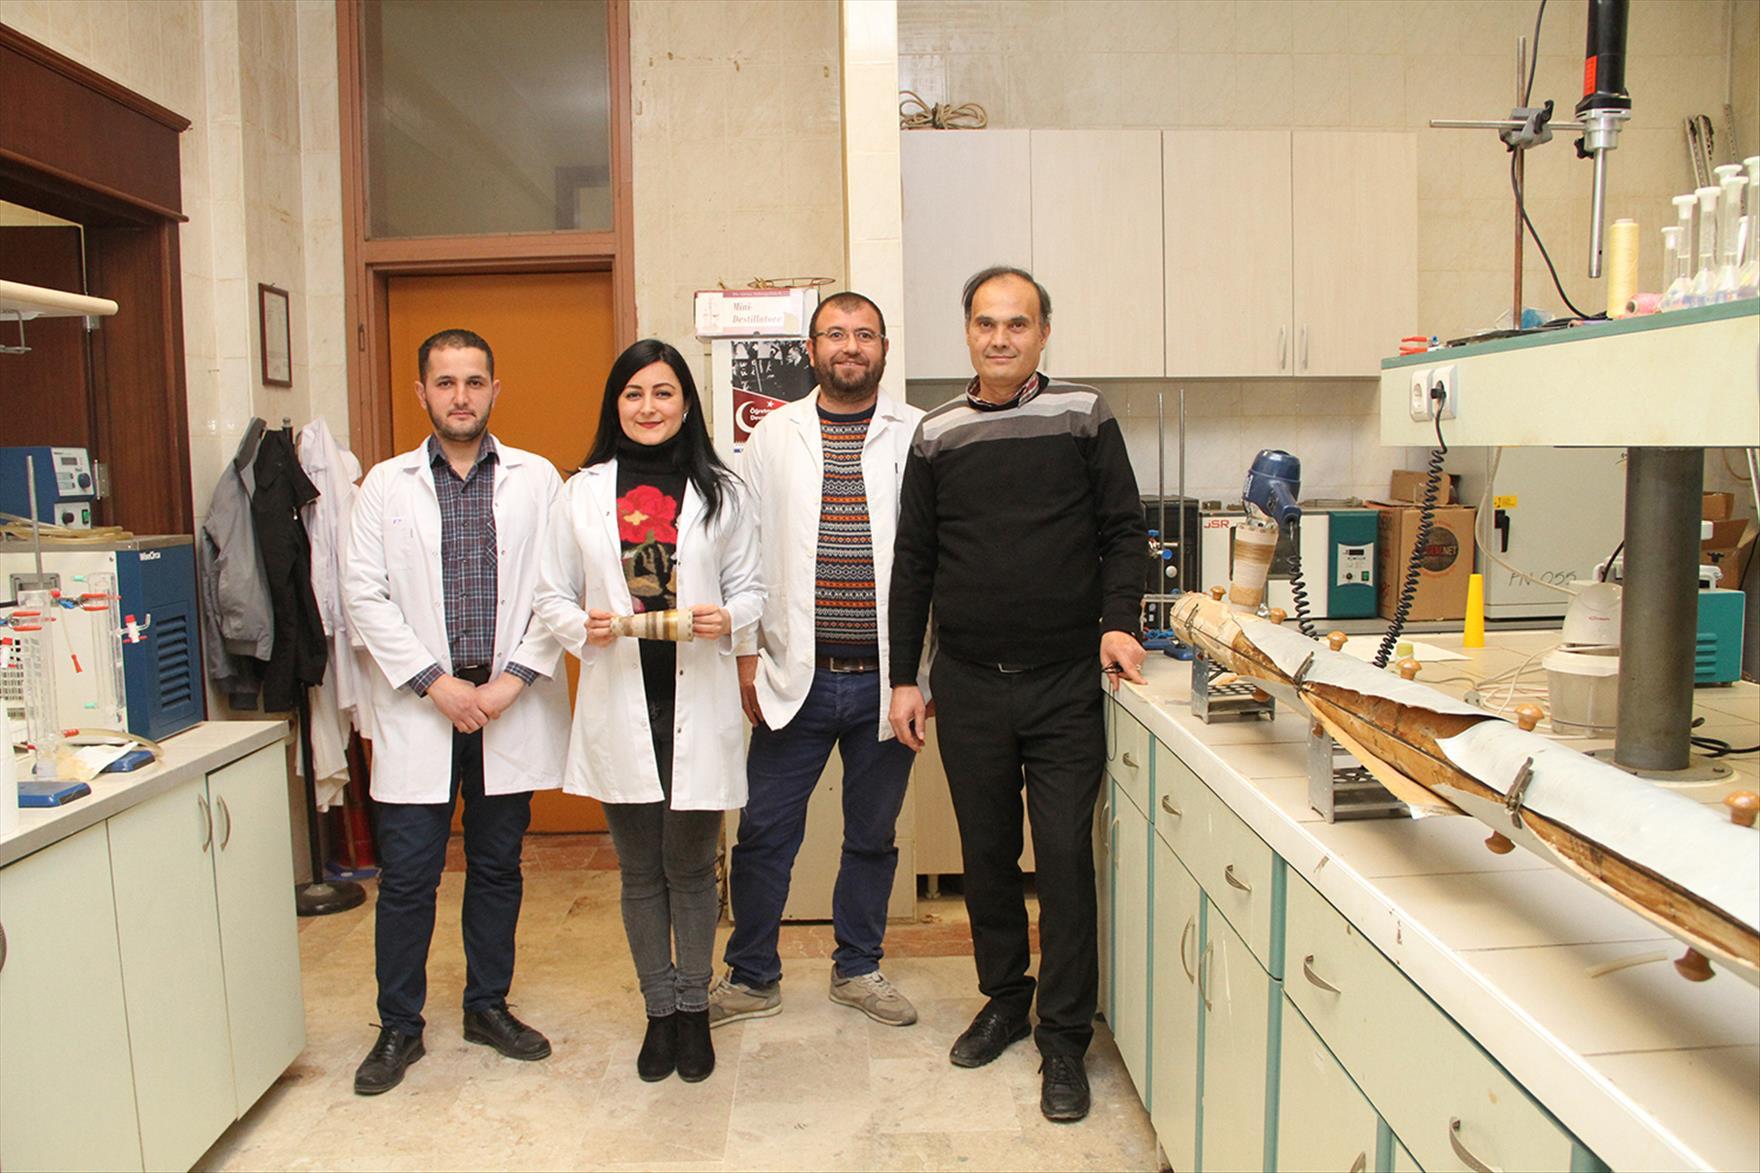 PAÜ Kimya Bölümünden Dr. Öğr. Üyesi Ramazan Donat ve ekibi yaptığı gerçek saç ile kaplı sentetik saç çalışması ile Türkiye'de ve Dünyada bir ilke imza atıyor.